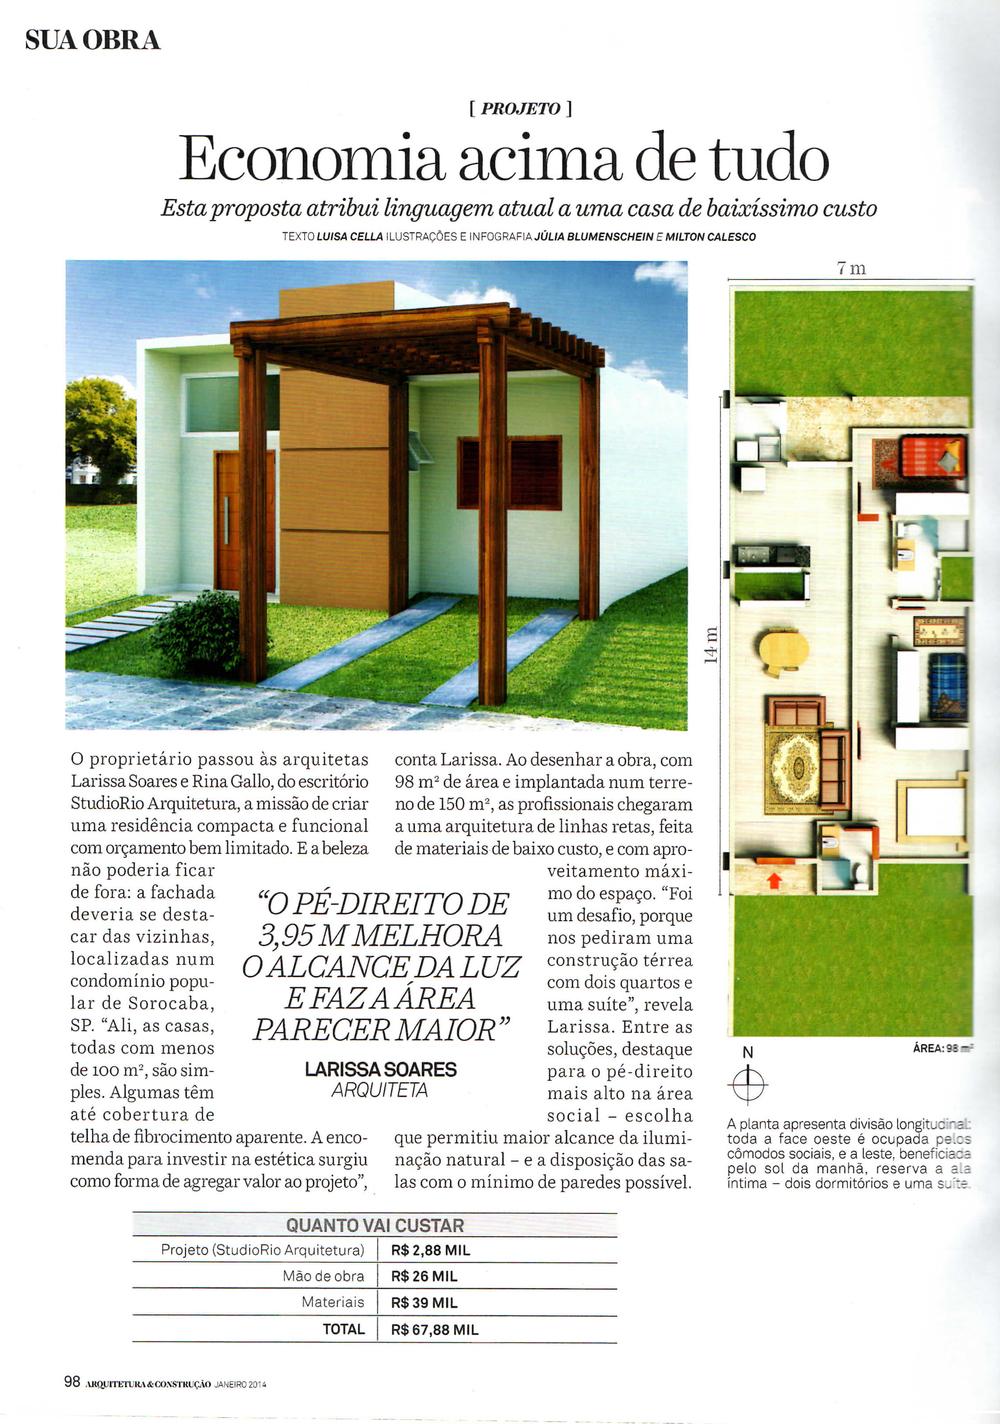 01 JANEIRO 2014_revista arquitetura & construção (1).jpg